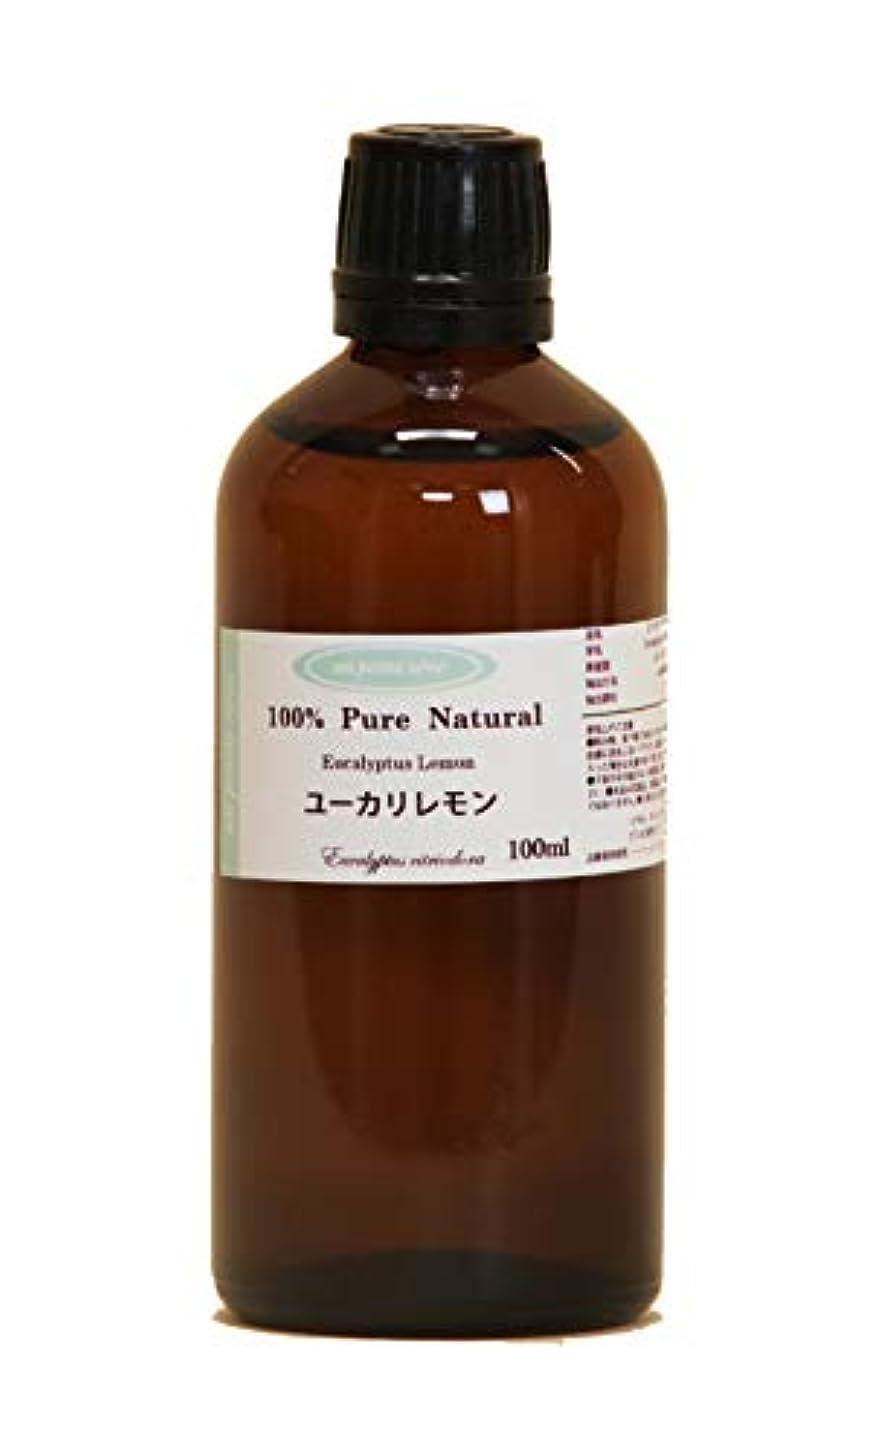 デンマーク語区別困惑するユーカリレモン 100ml 100%天然アロマエッセンシャルオイル(精油)